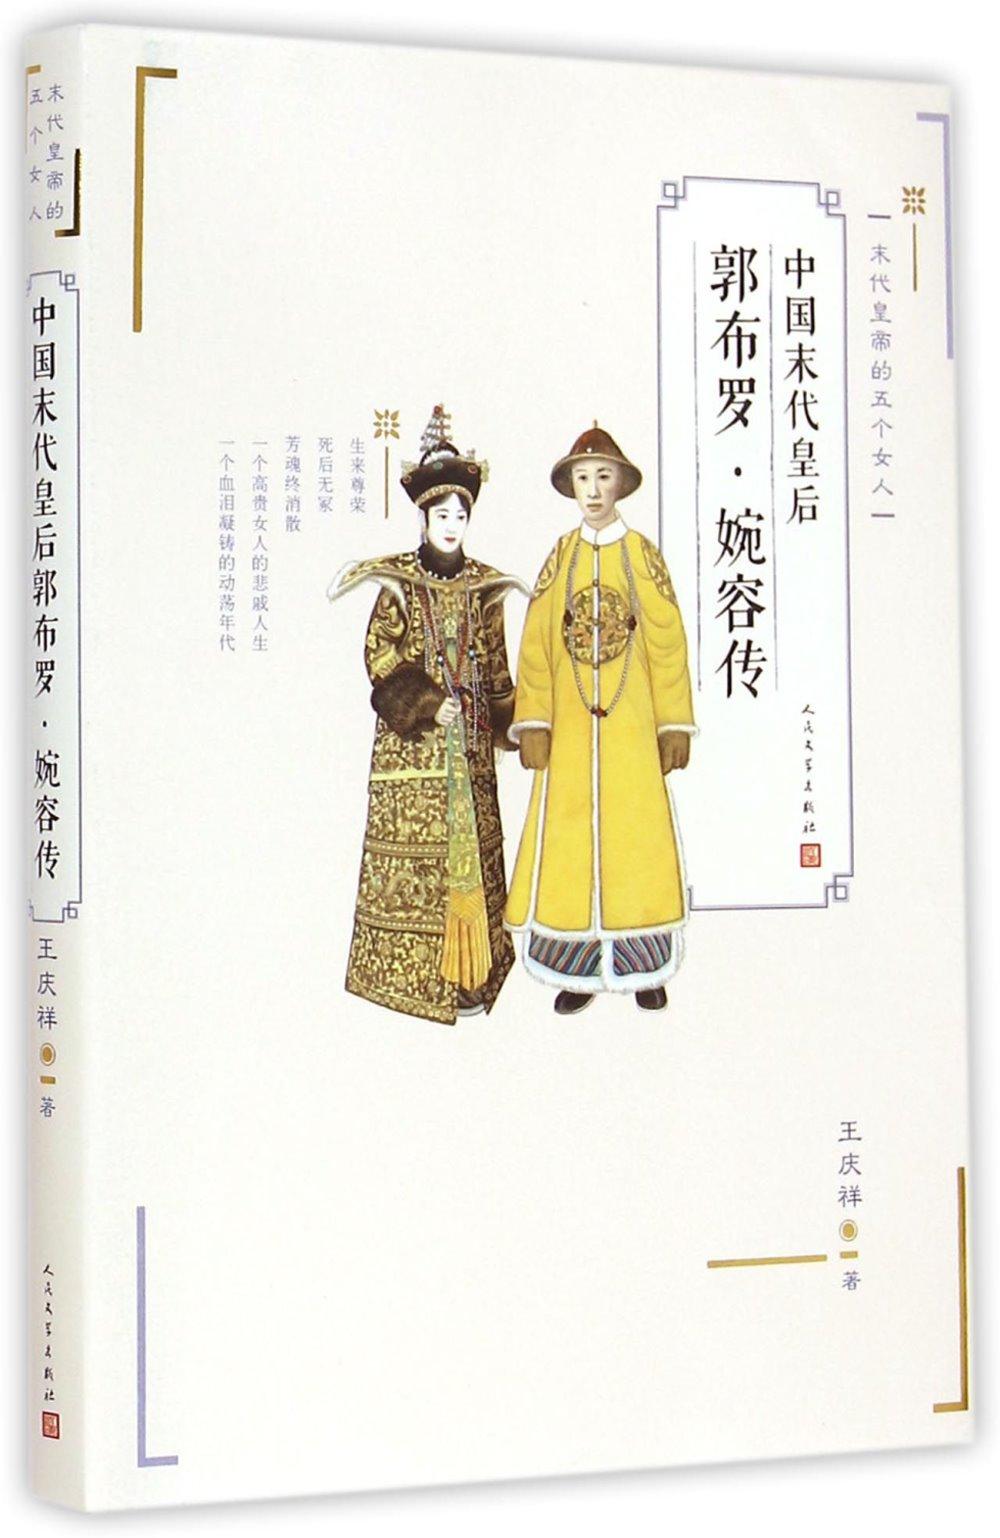 中國末代皇後郭布羅·婉容傳